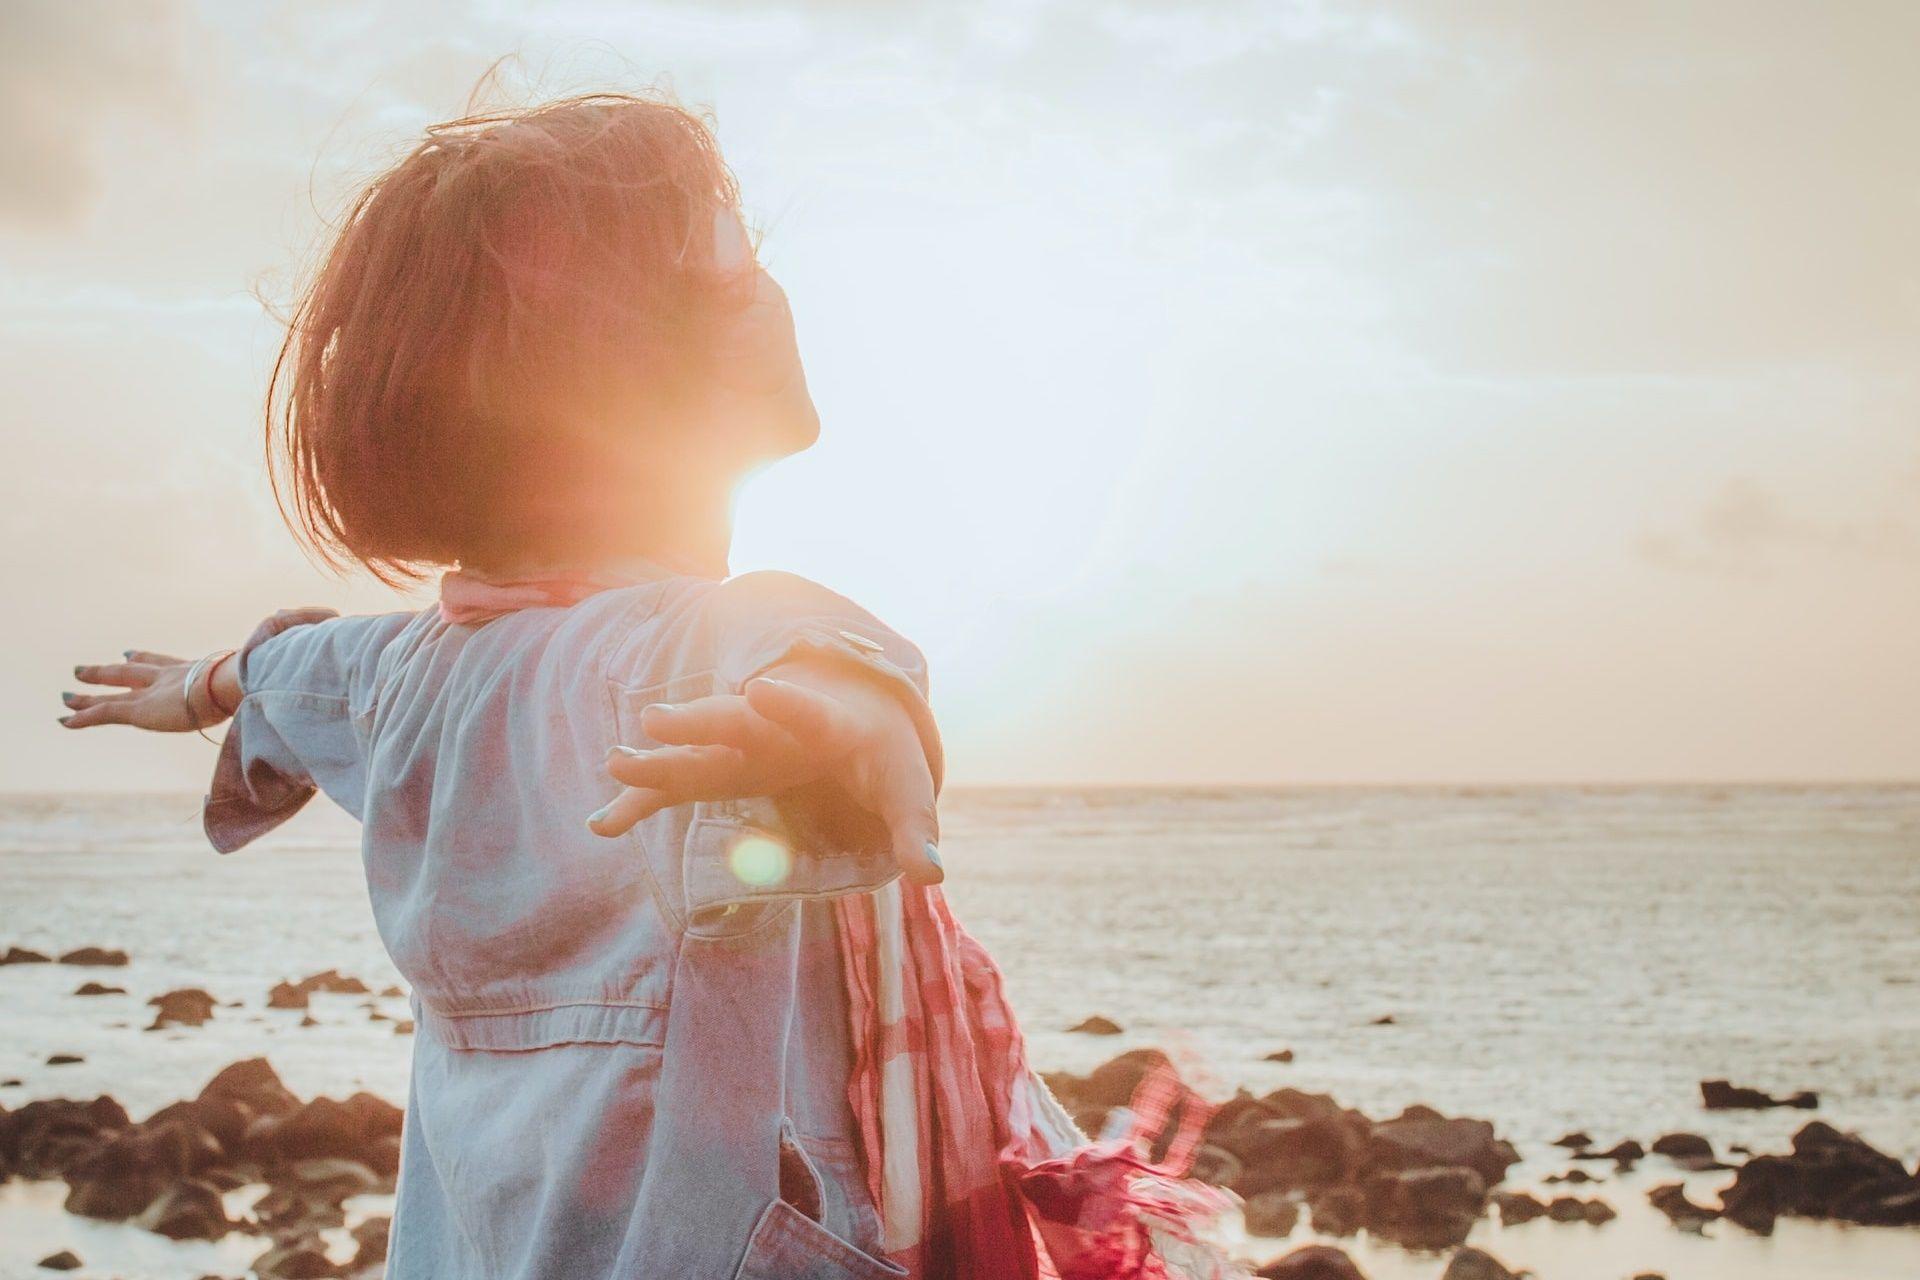 Tanda Dapat Jodoh Hingga Soal Kesehatan, 10 Arti Mimpi Digigit Ular